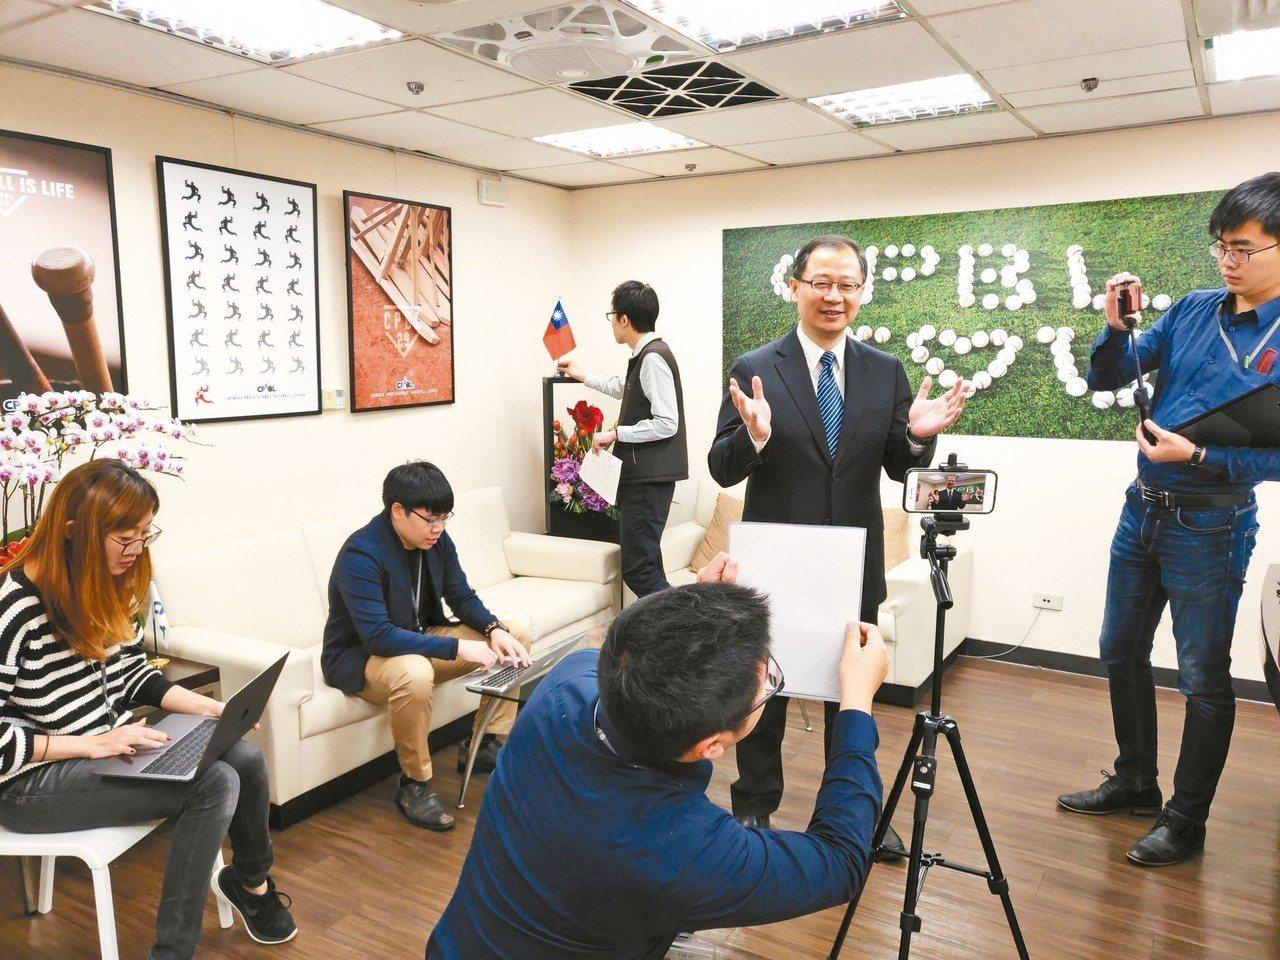 隨著政壇吹起小編、實習生浪潮,吳志揚透露,韓國瑜女兒韓冰就曾在他的辦公室短期實習...